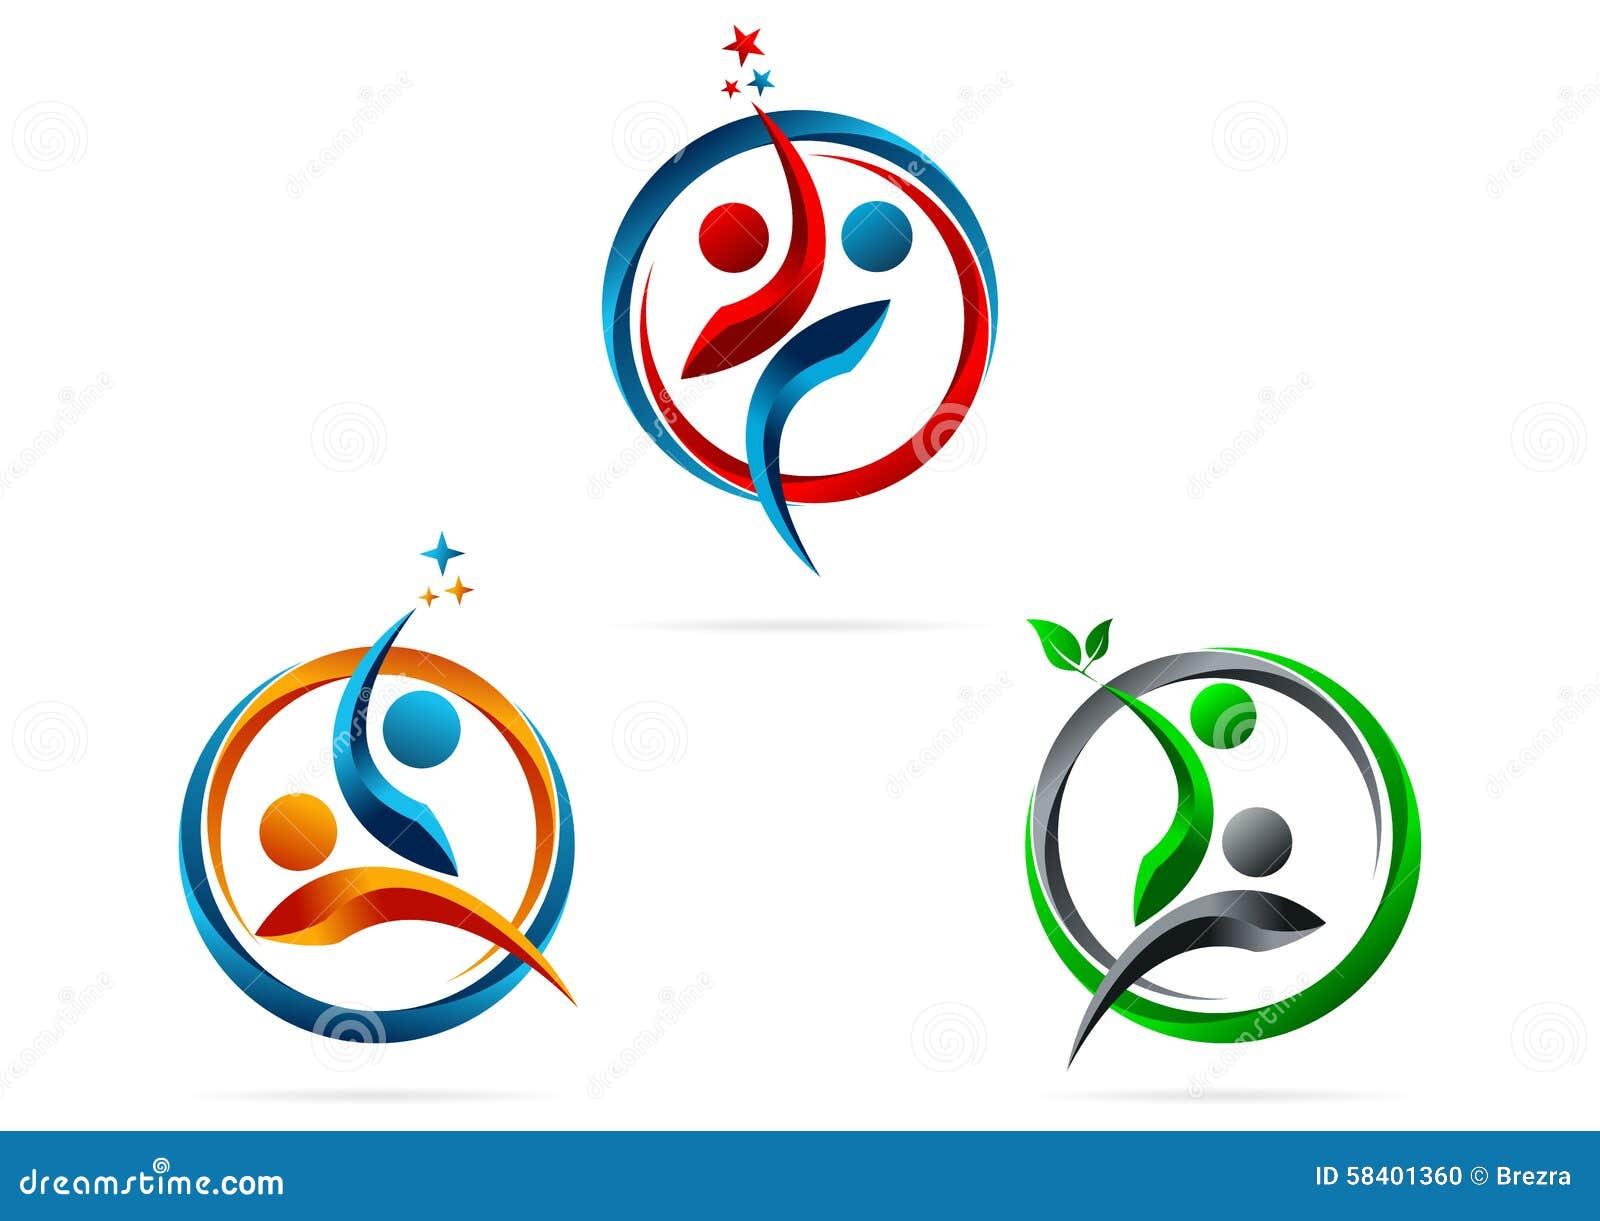 Vennootschap, embleem, ster, succes, mensen, gezond symbool, team, onderwijs, vector, pictogram, ontwerp